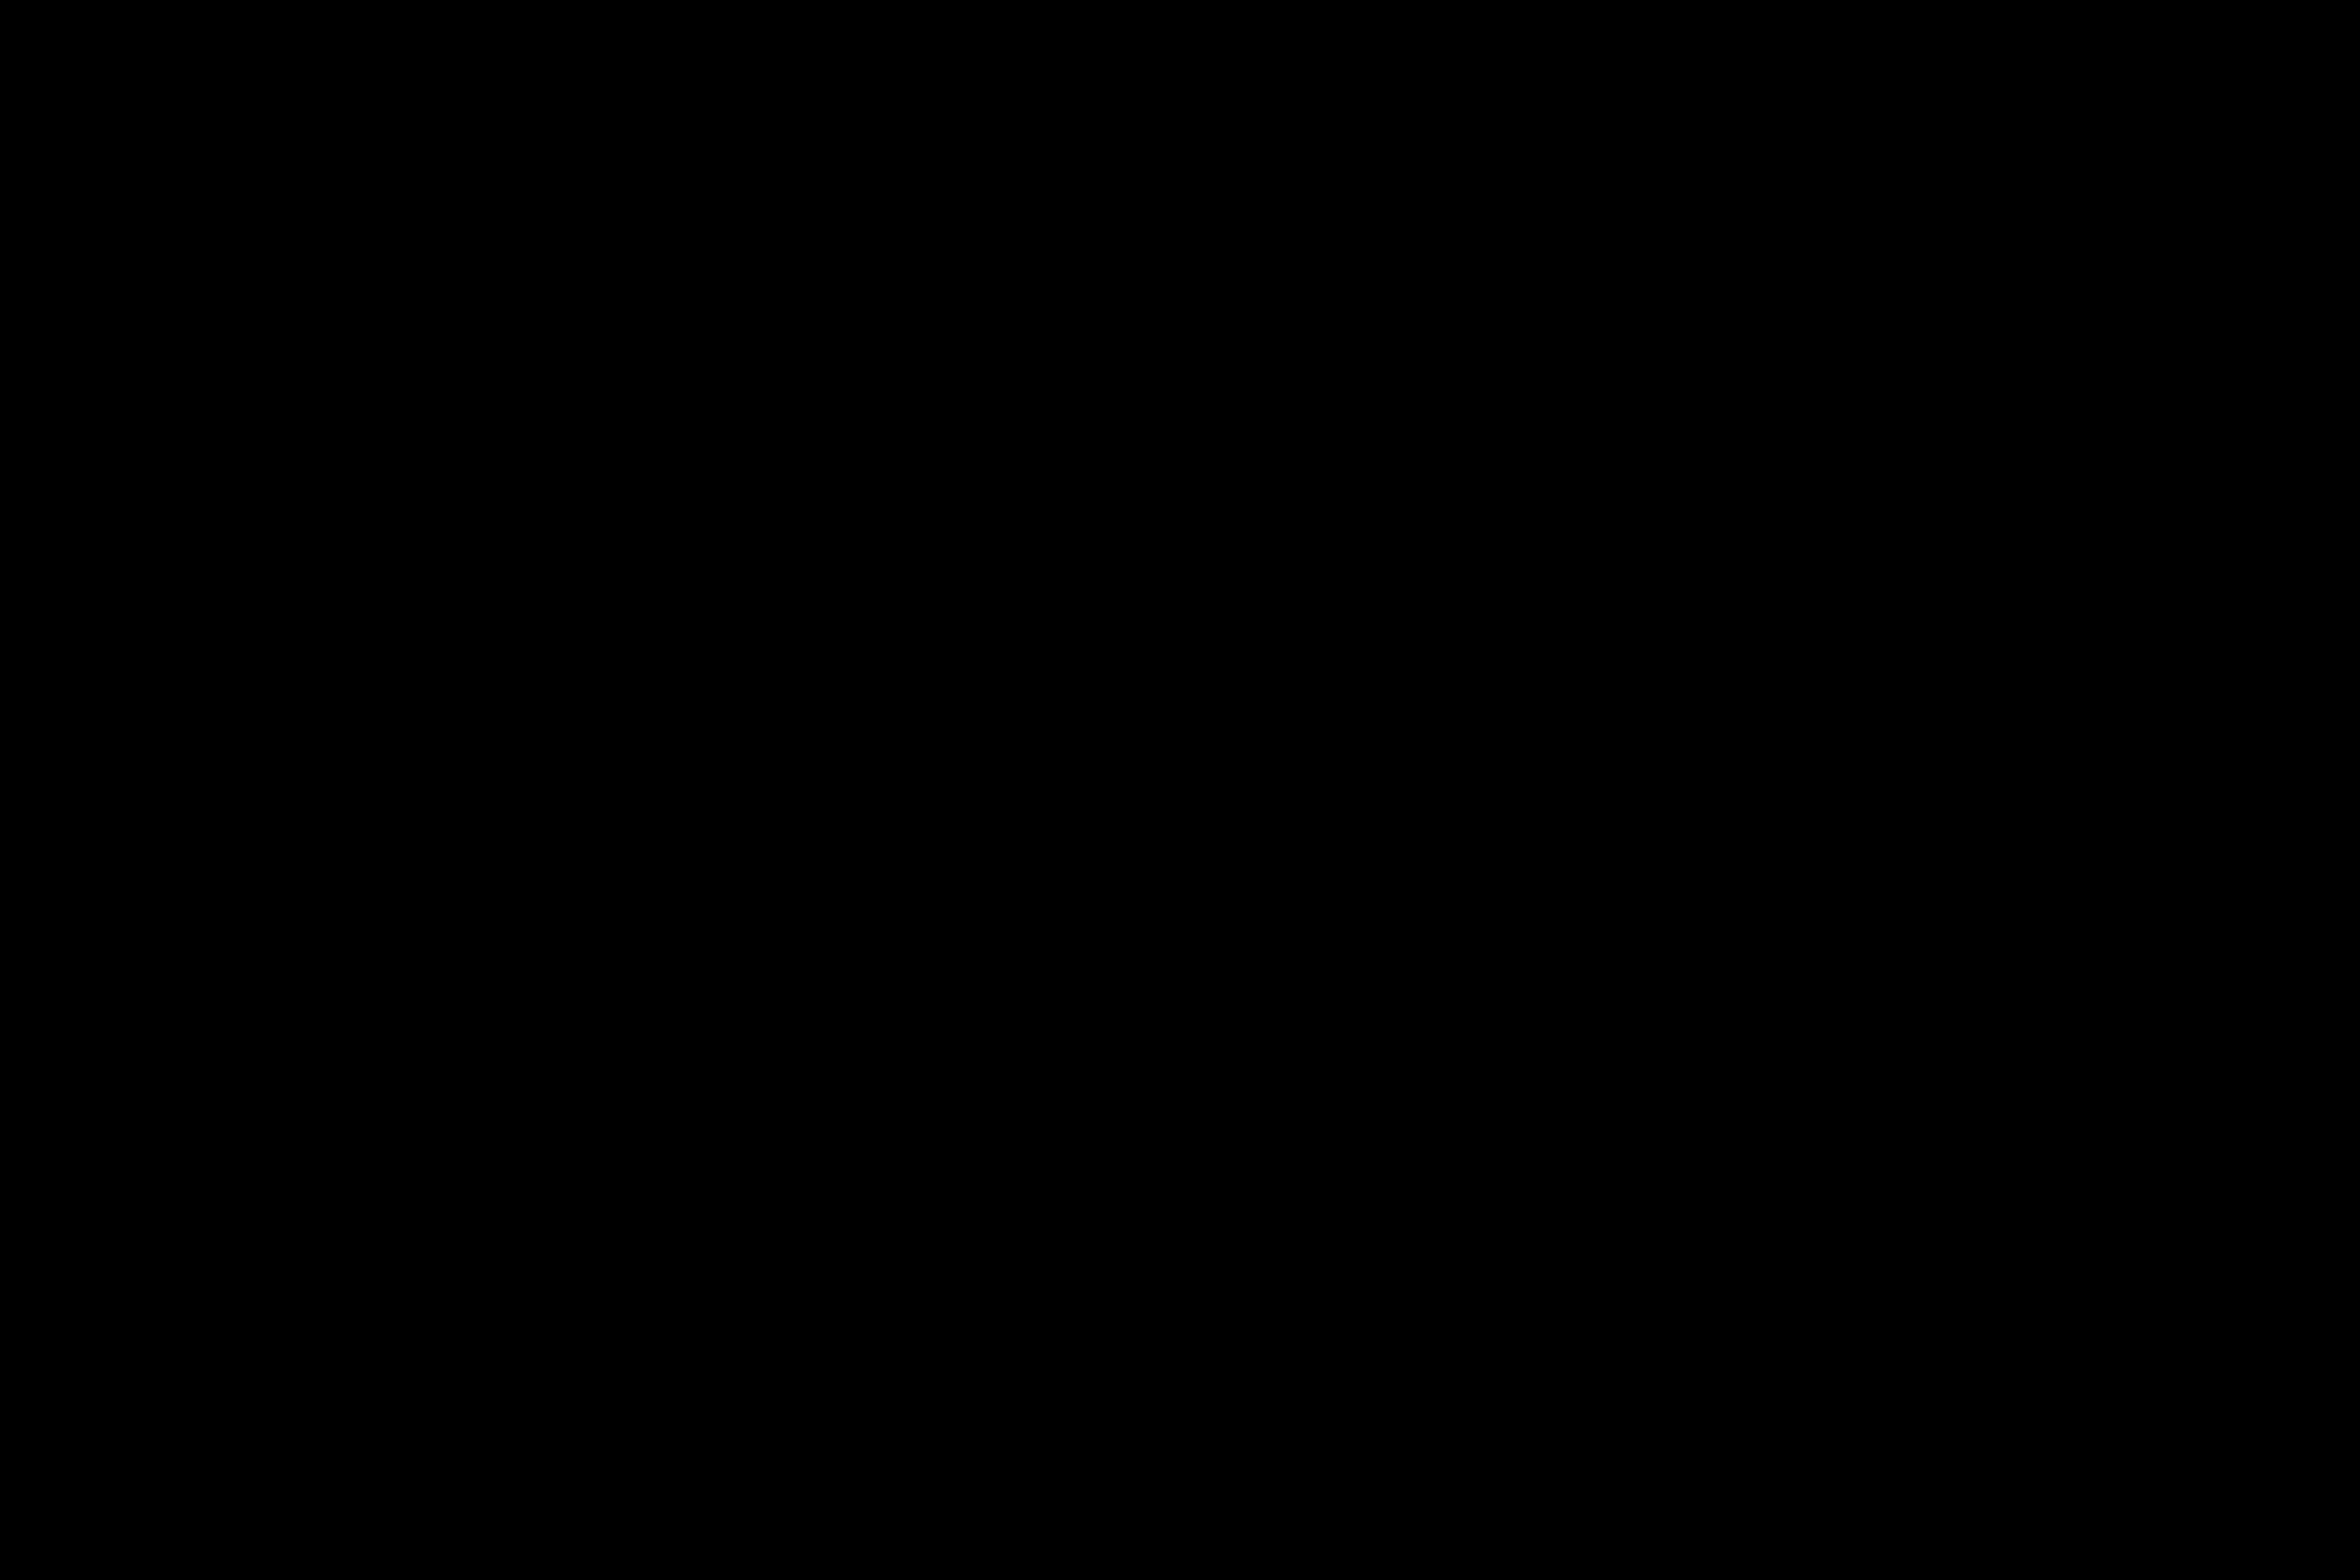 160521-bht-72